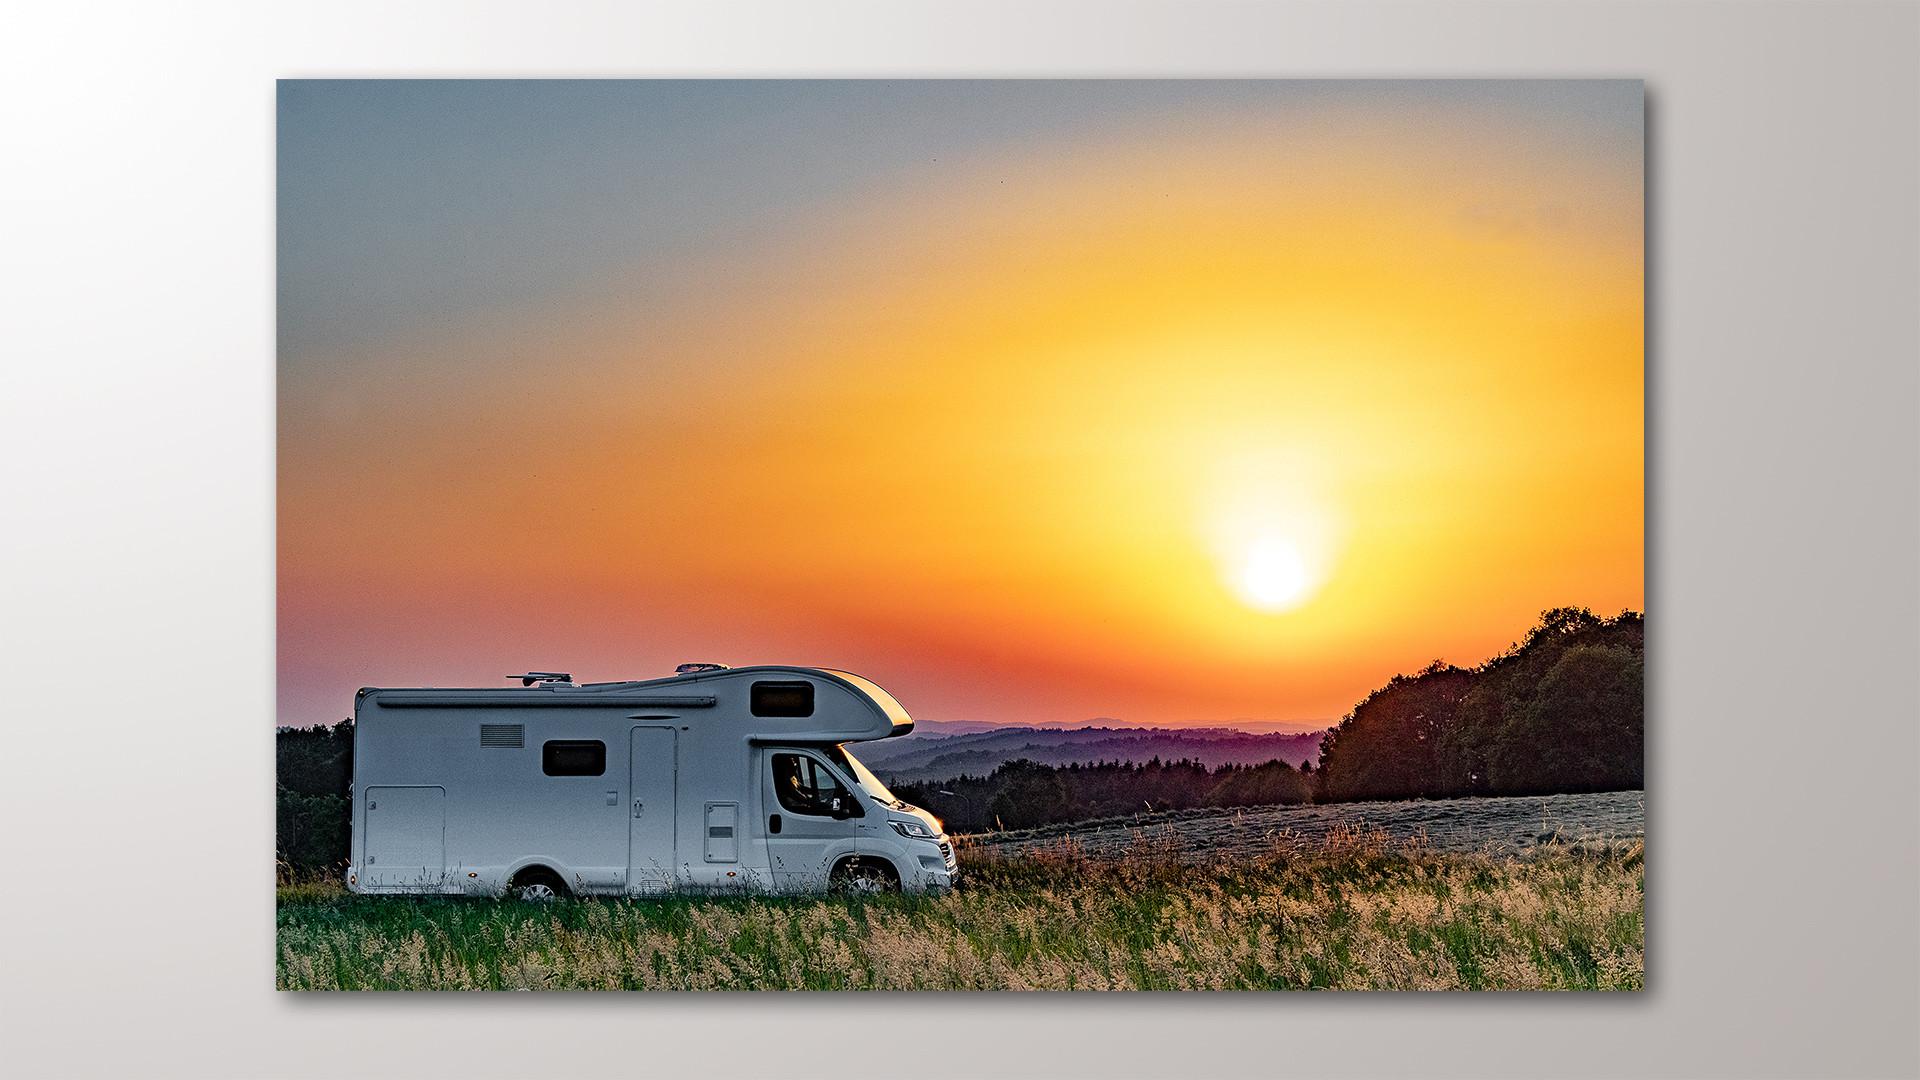 Pioneer_Caravan_Shooting_2019_07